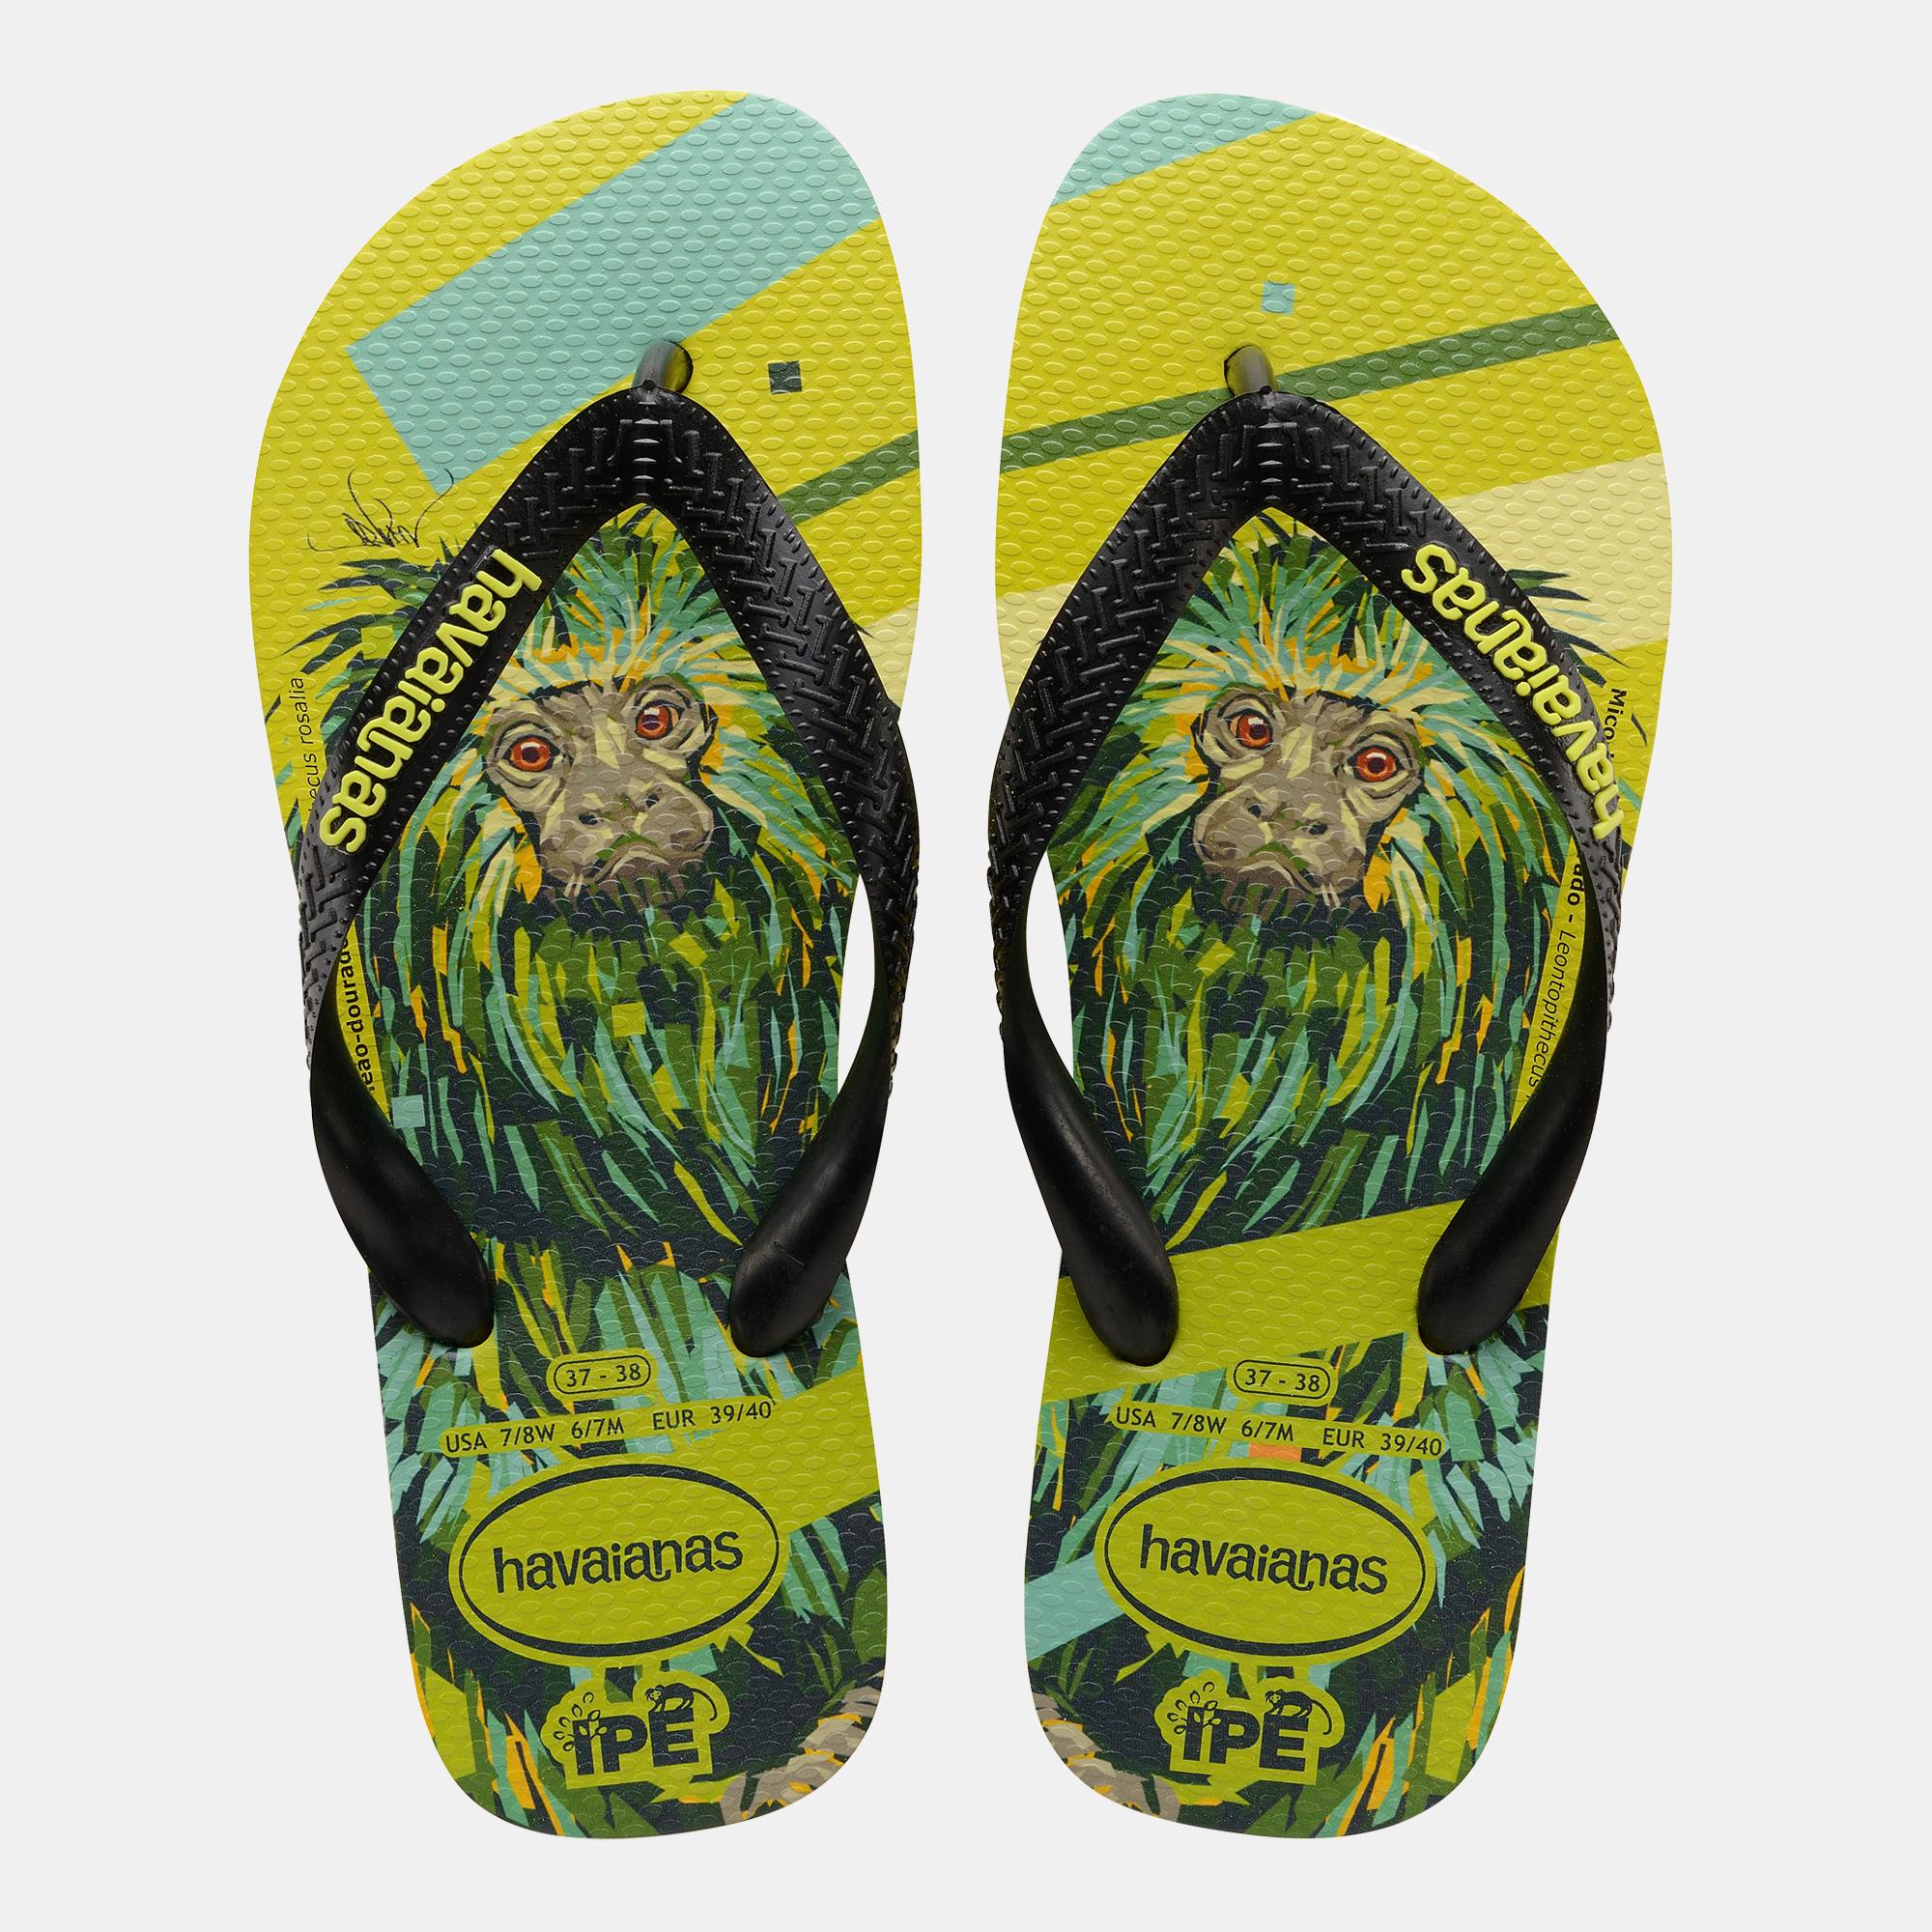 081f9d837a84 Havaianas Men s IPE Flip Flops